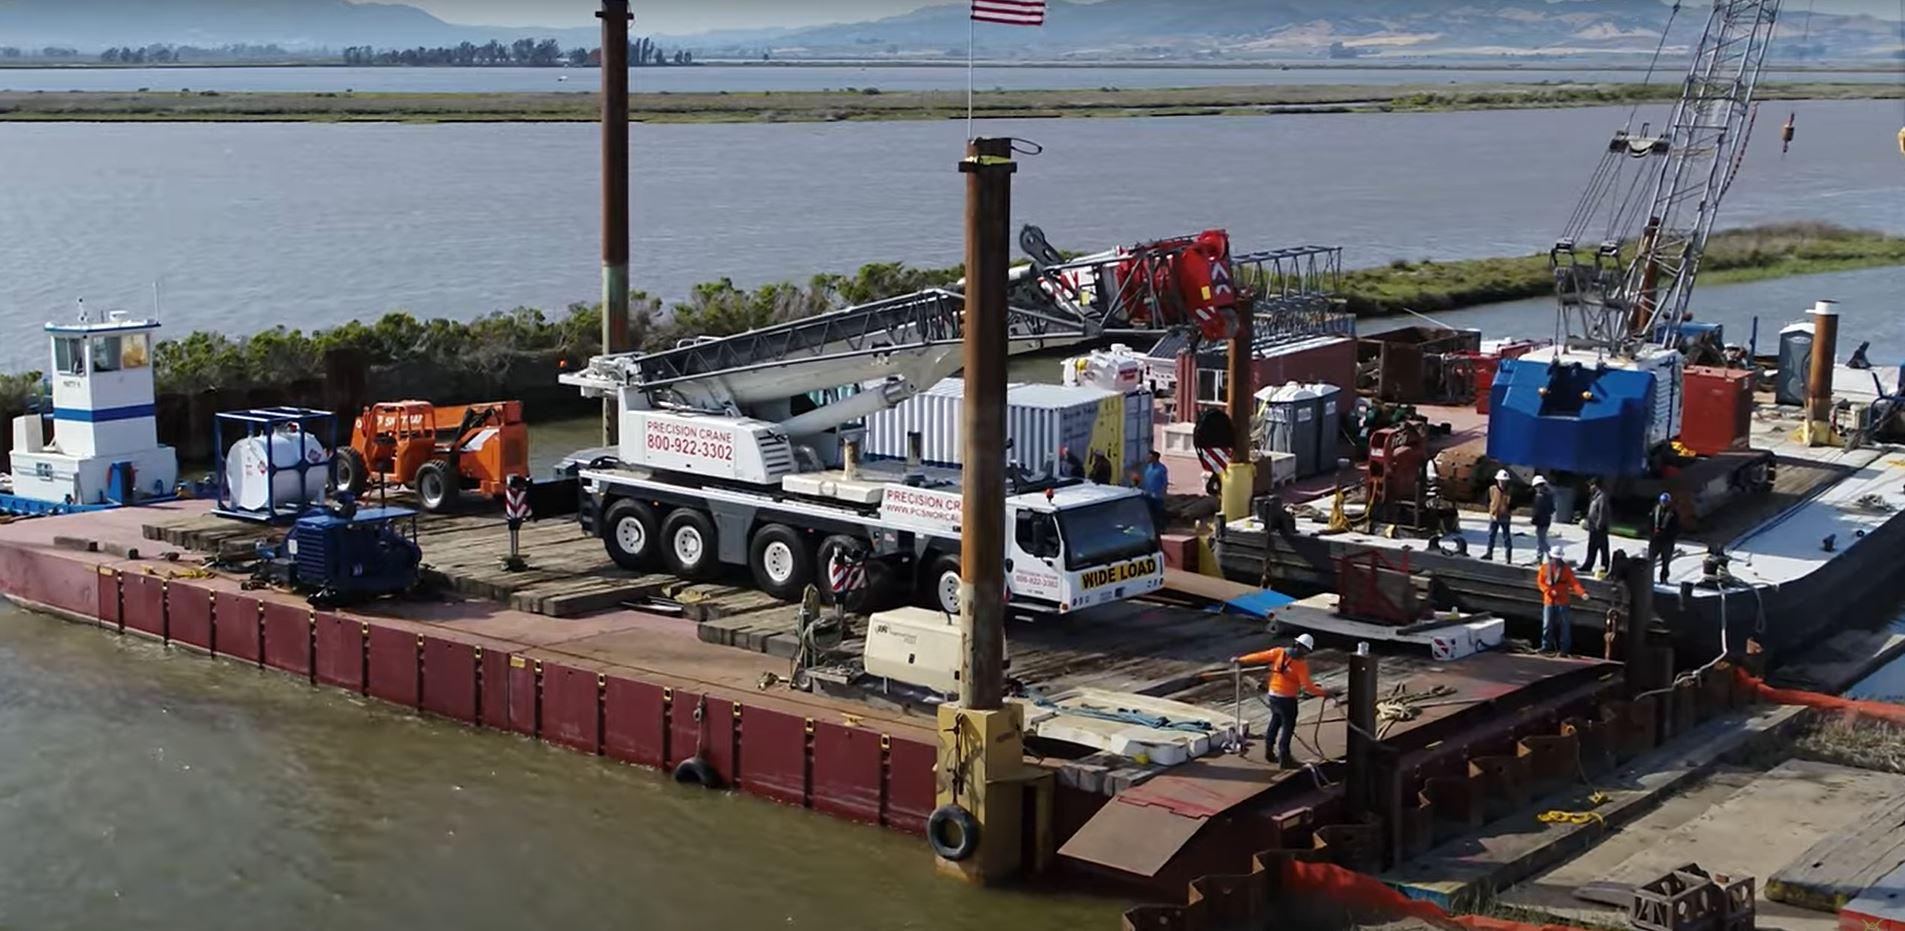 ltm-1220-on-barge-2